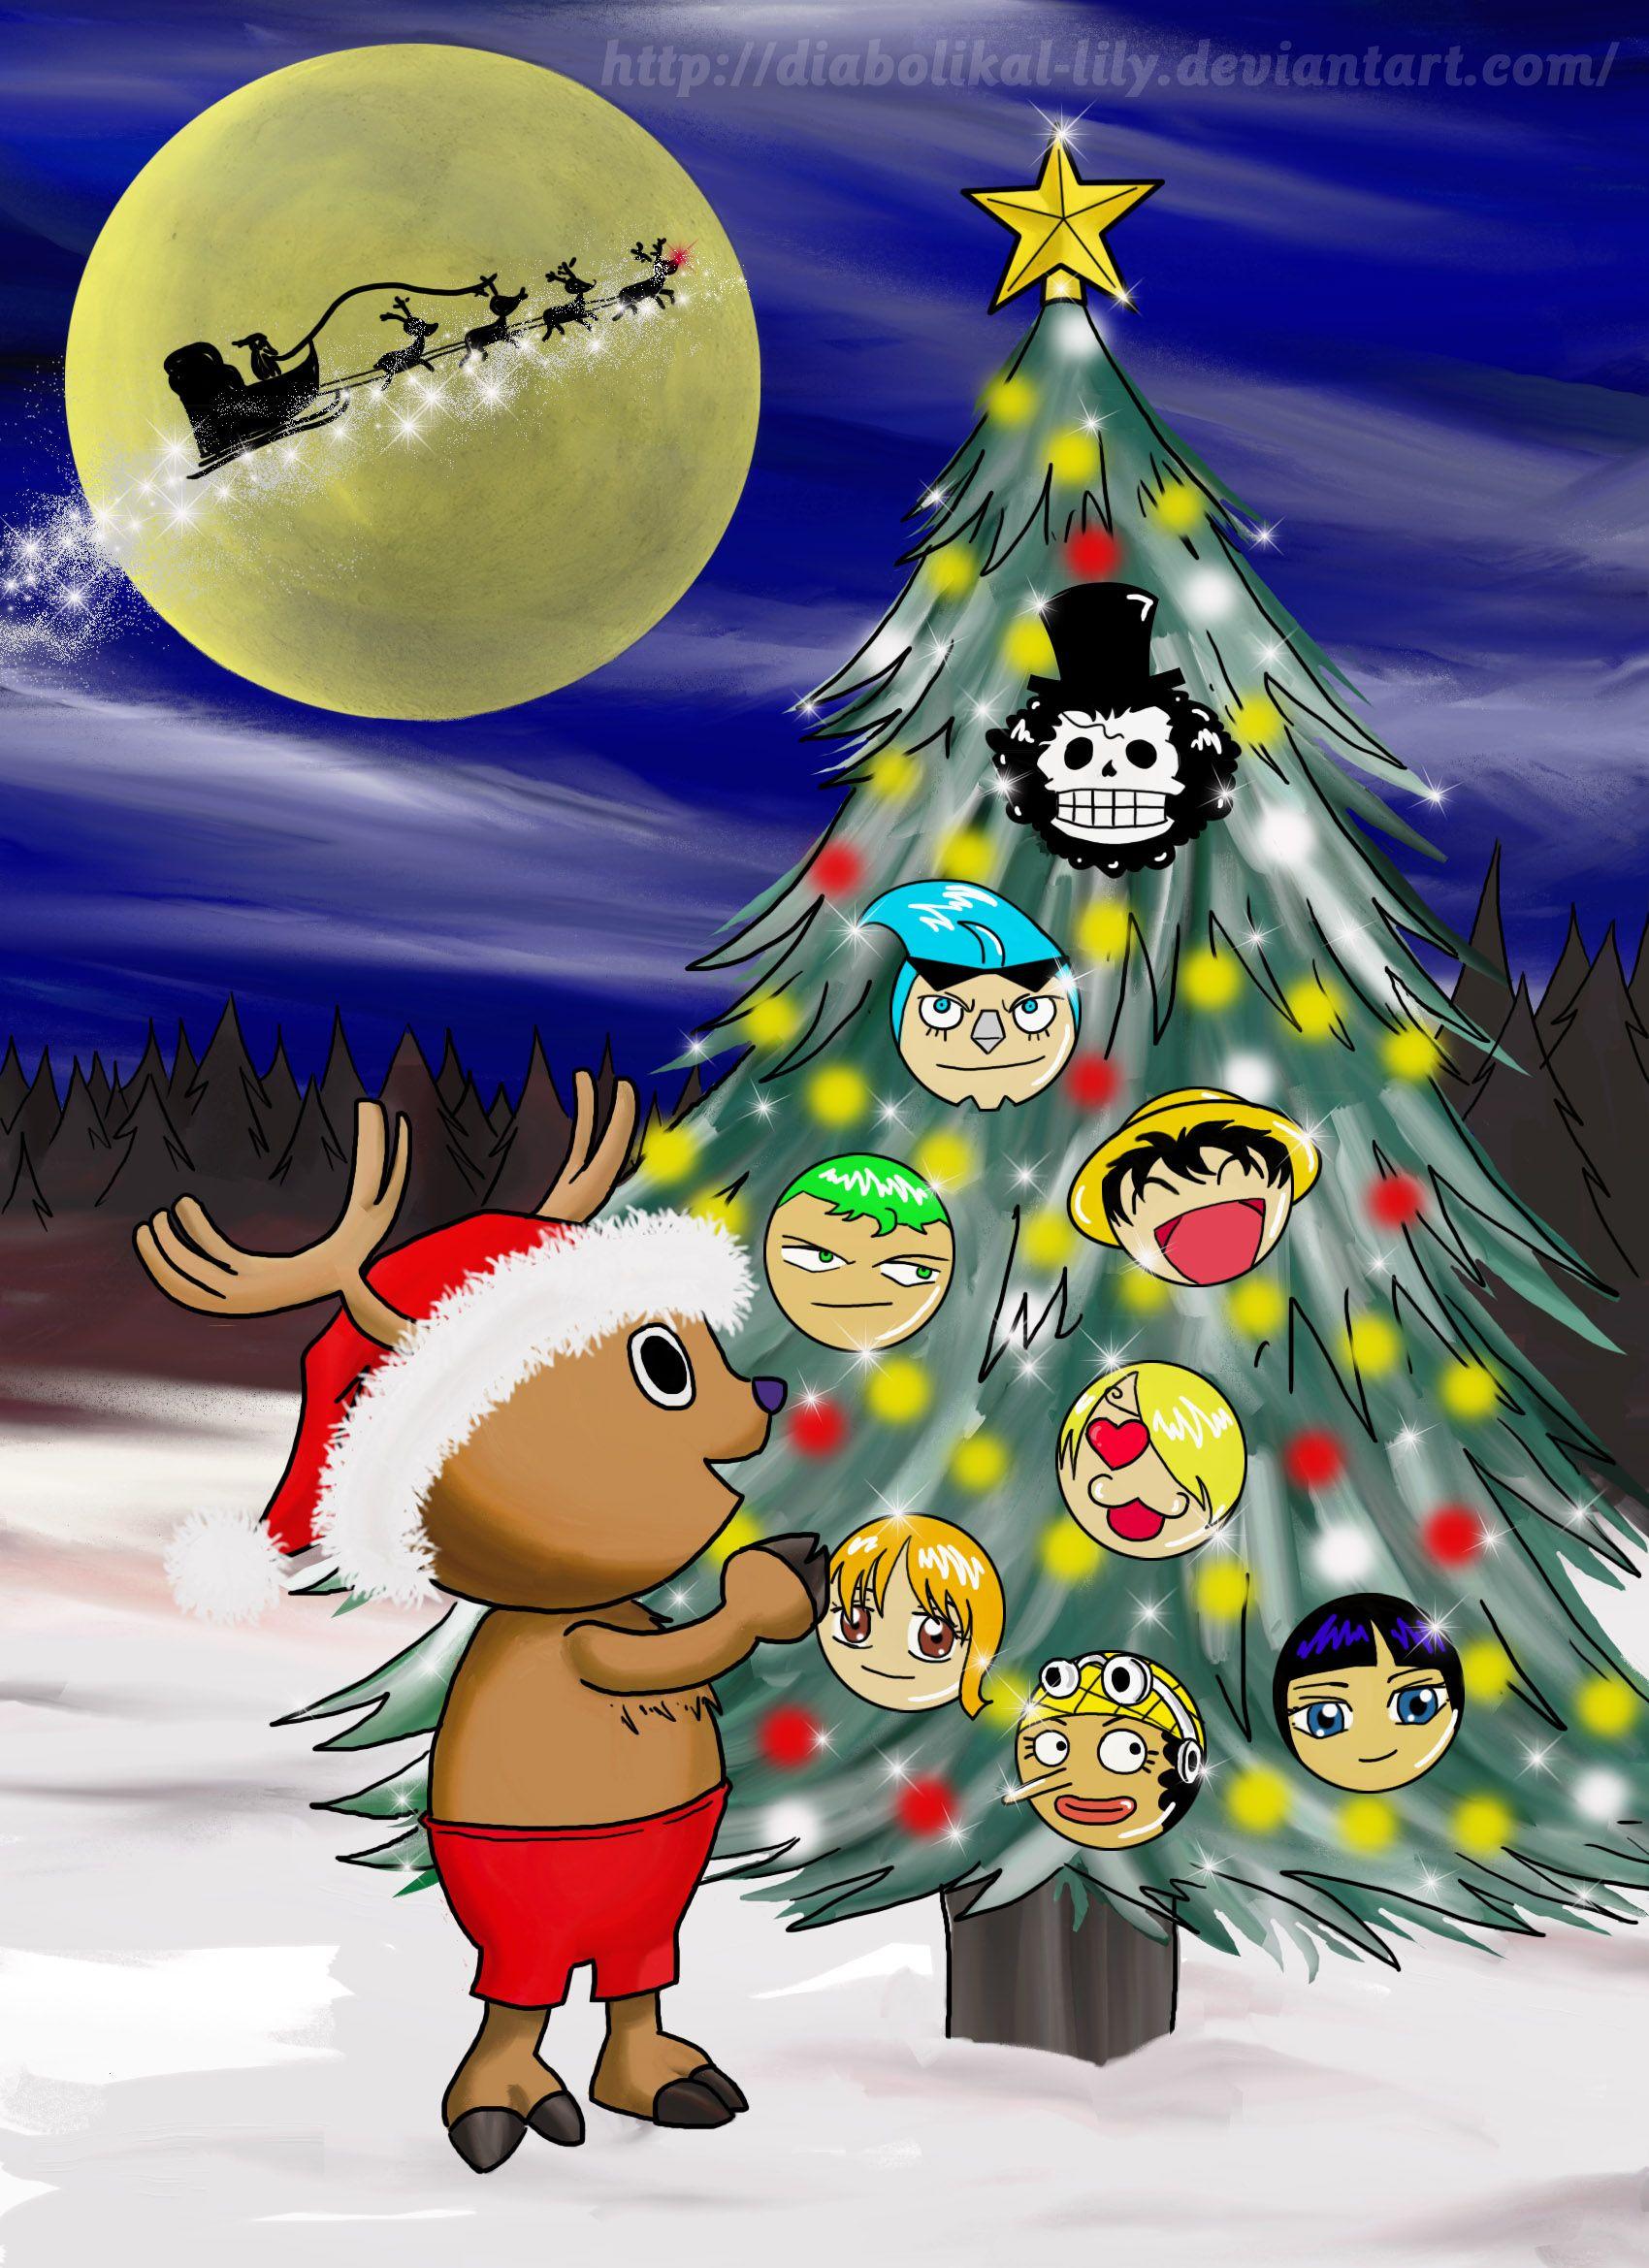 Meery Christmas One Piece Xoxo Anime Christmas Anime Crafts Holiday Wallpaper